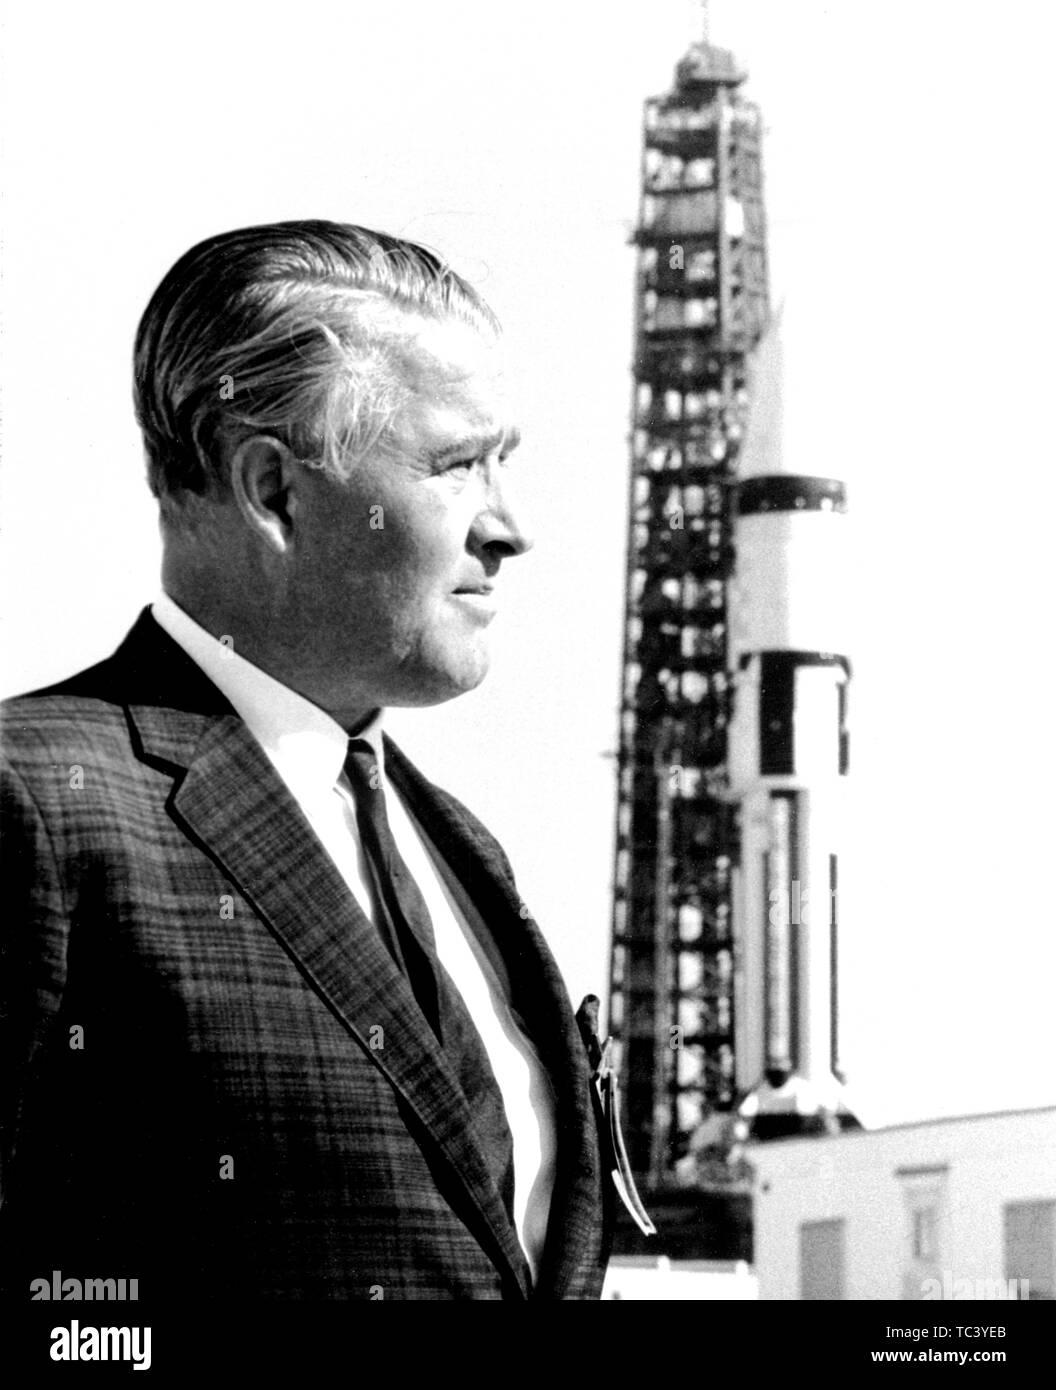 Dr. Wernher von Braun steht vor einem Saturn IB-Trägerrakete bei John F Kennedy Space Center, Merritt Island, Florida, 1968. Mit freundlicher Genehmigung der Nationalen Luft- und Raumfahrtbehörde (NASA). () Stockfoto